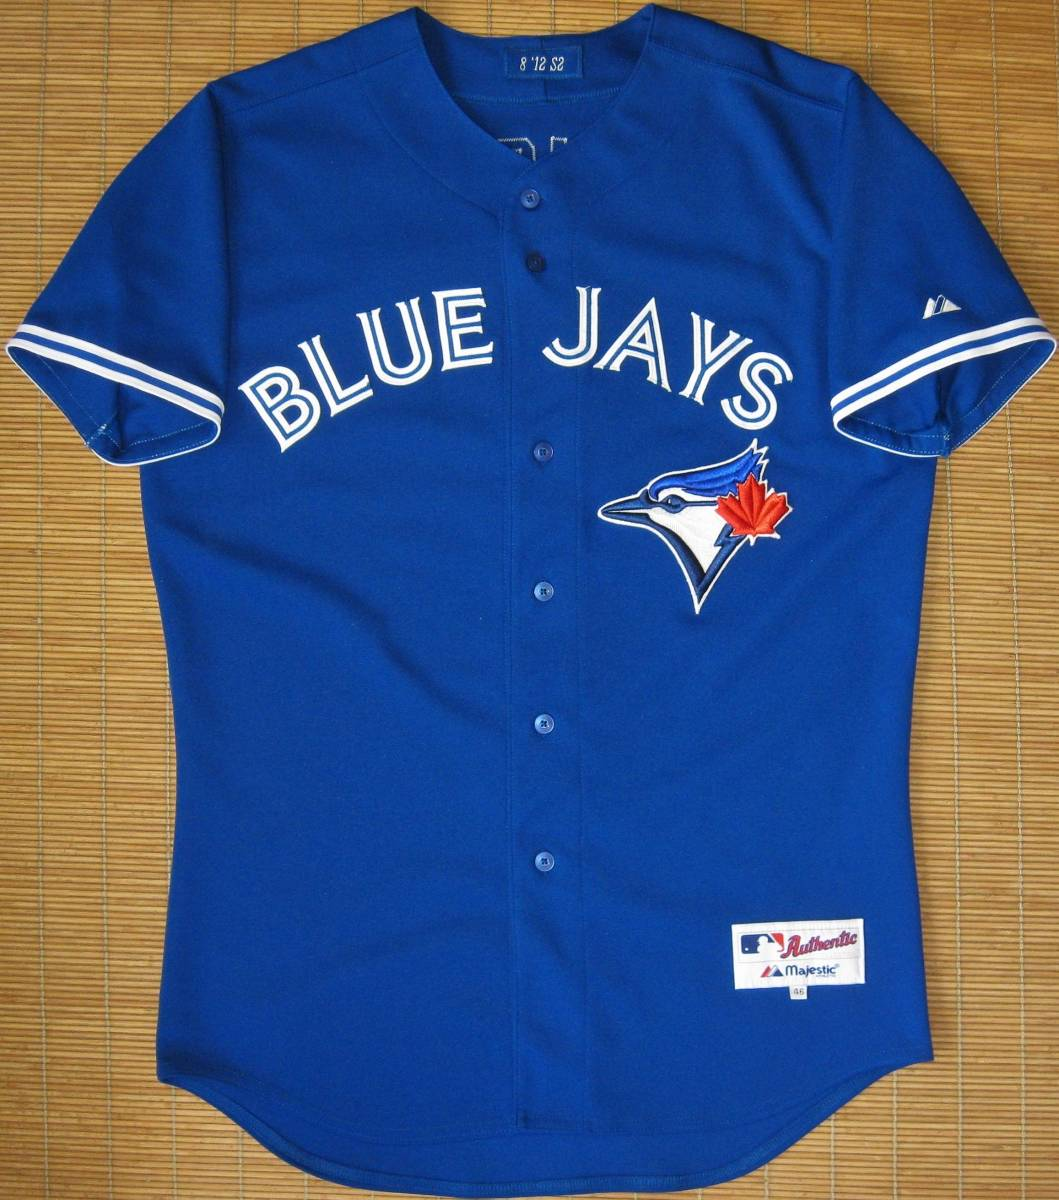 MLB 実使用 2012トロント・ブルージェイズ#8ベン・フランシスコ(ヤンキース)オルタネイト用 ブルー 青 ユニフォーム 青木 GAME USED JERSEY グッズの画像